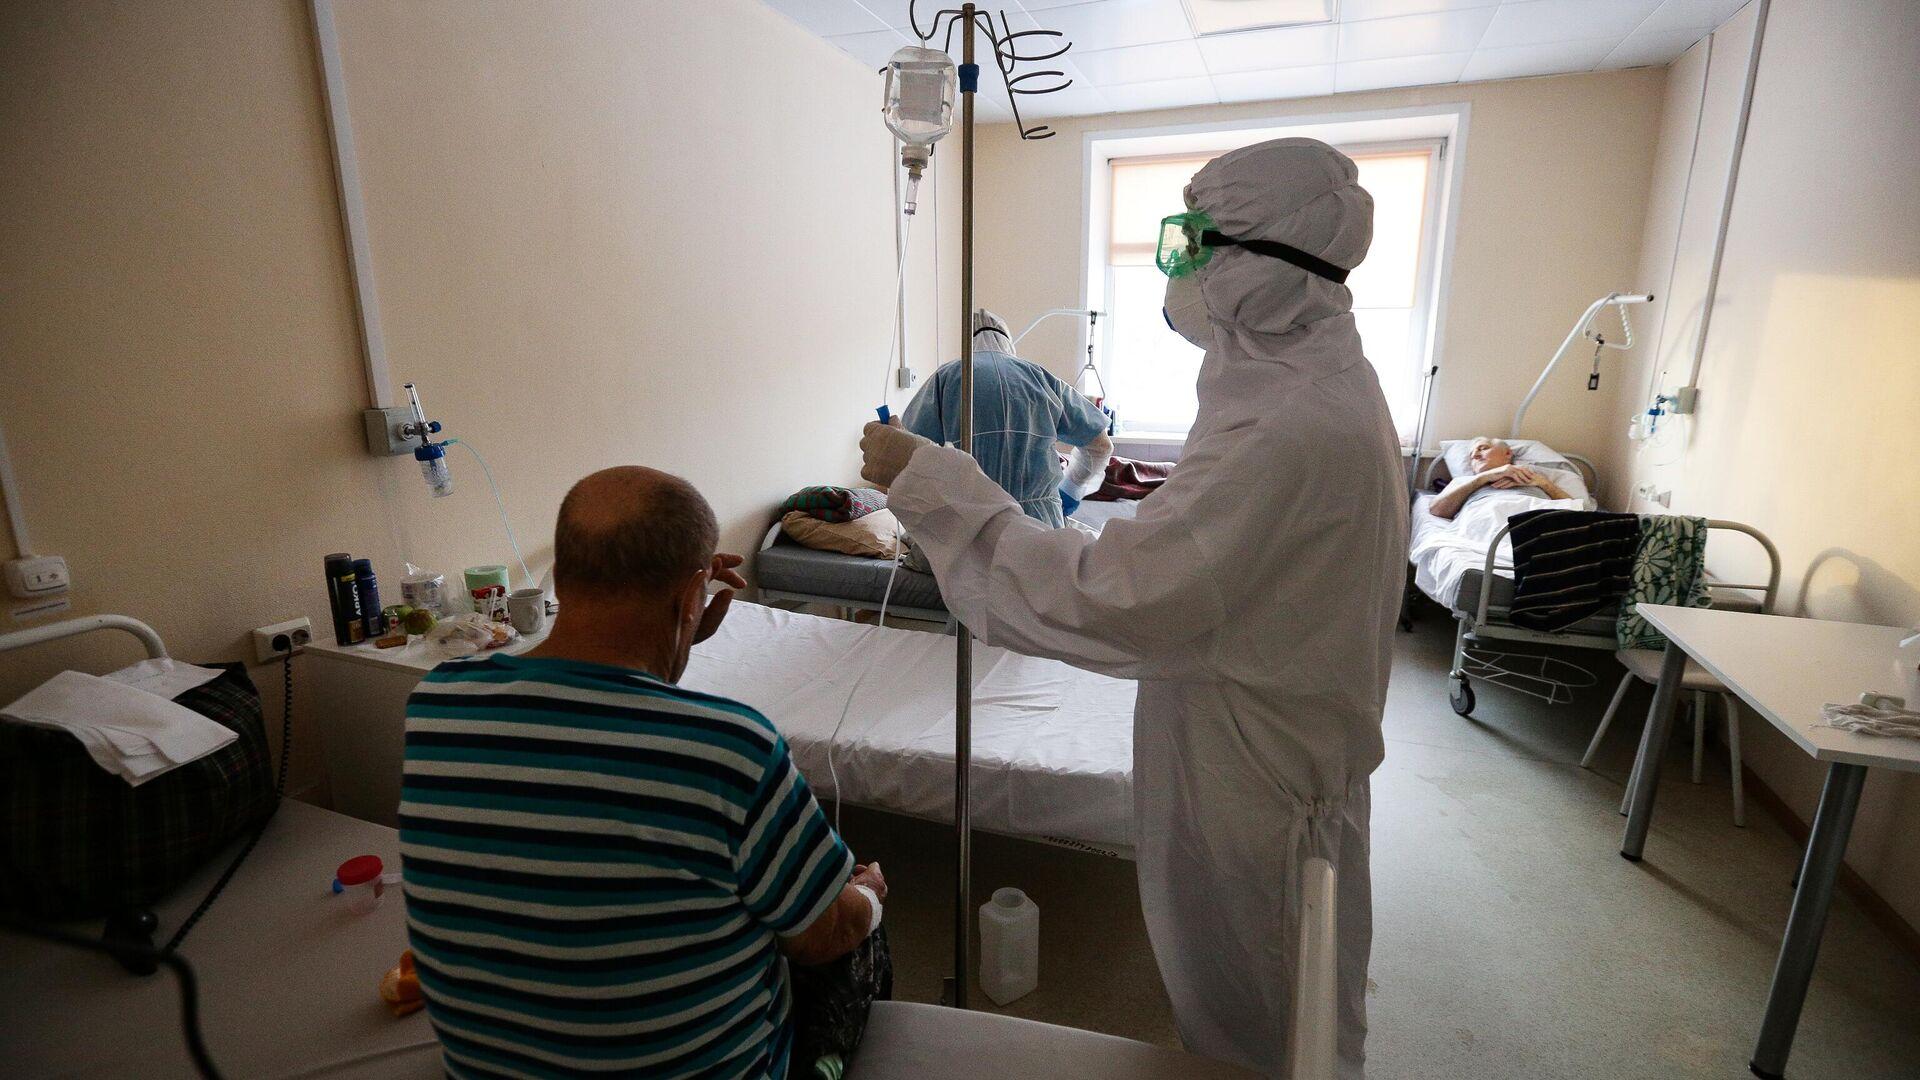 Работа врачей в красной зоне Новосибирской областной клинической больницы - РИА Новости, 1920, 19.01.2021